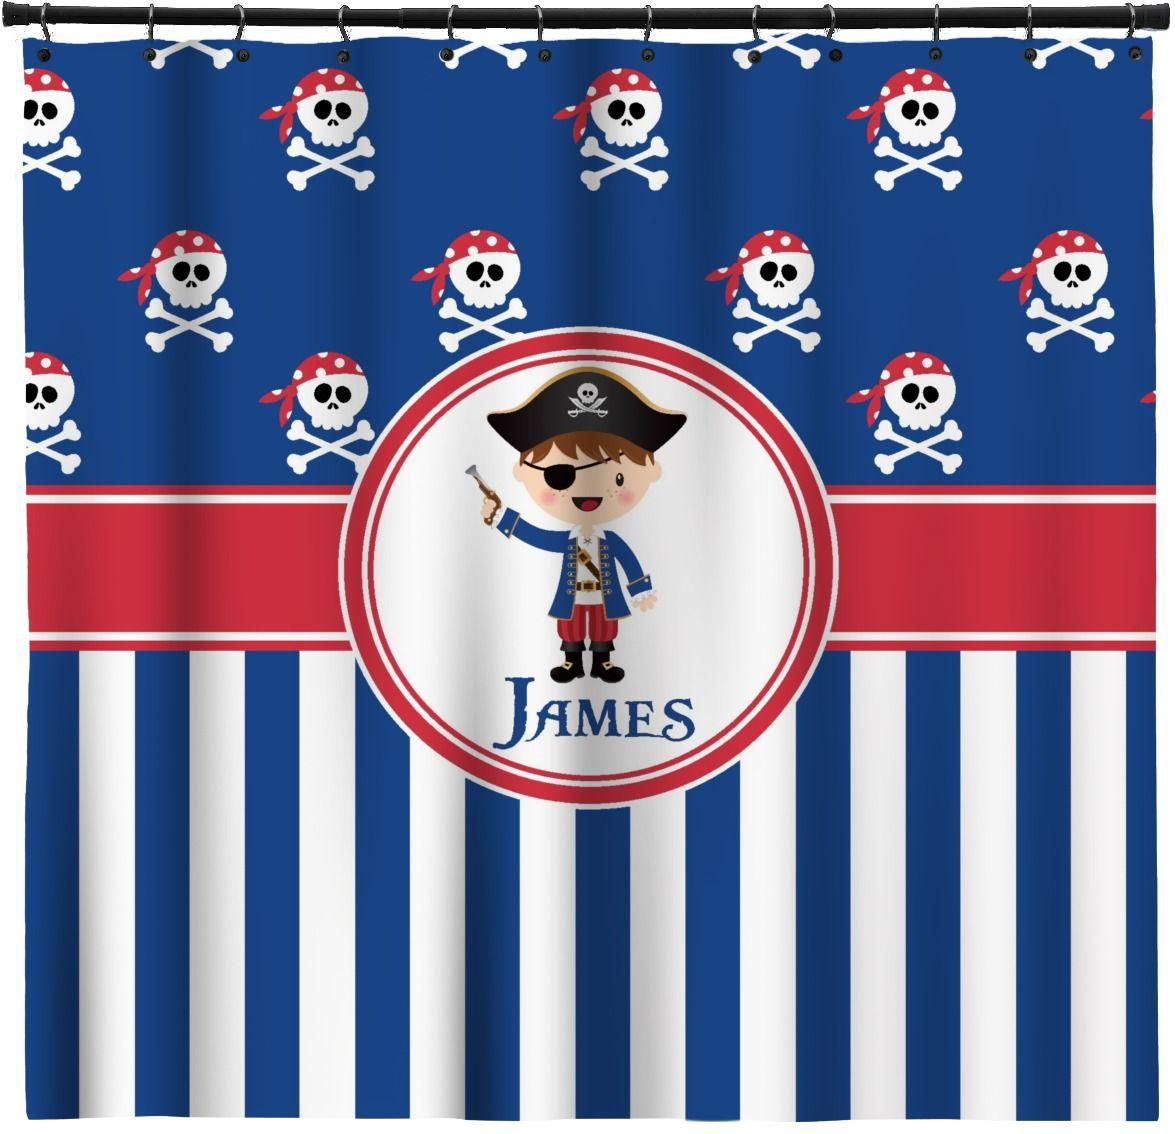 Top kids pirate shower curtain pirate bathroom decor kids pirate - Blue Pirate Shower Curtain Personalized